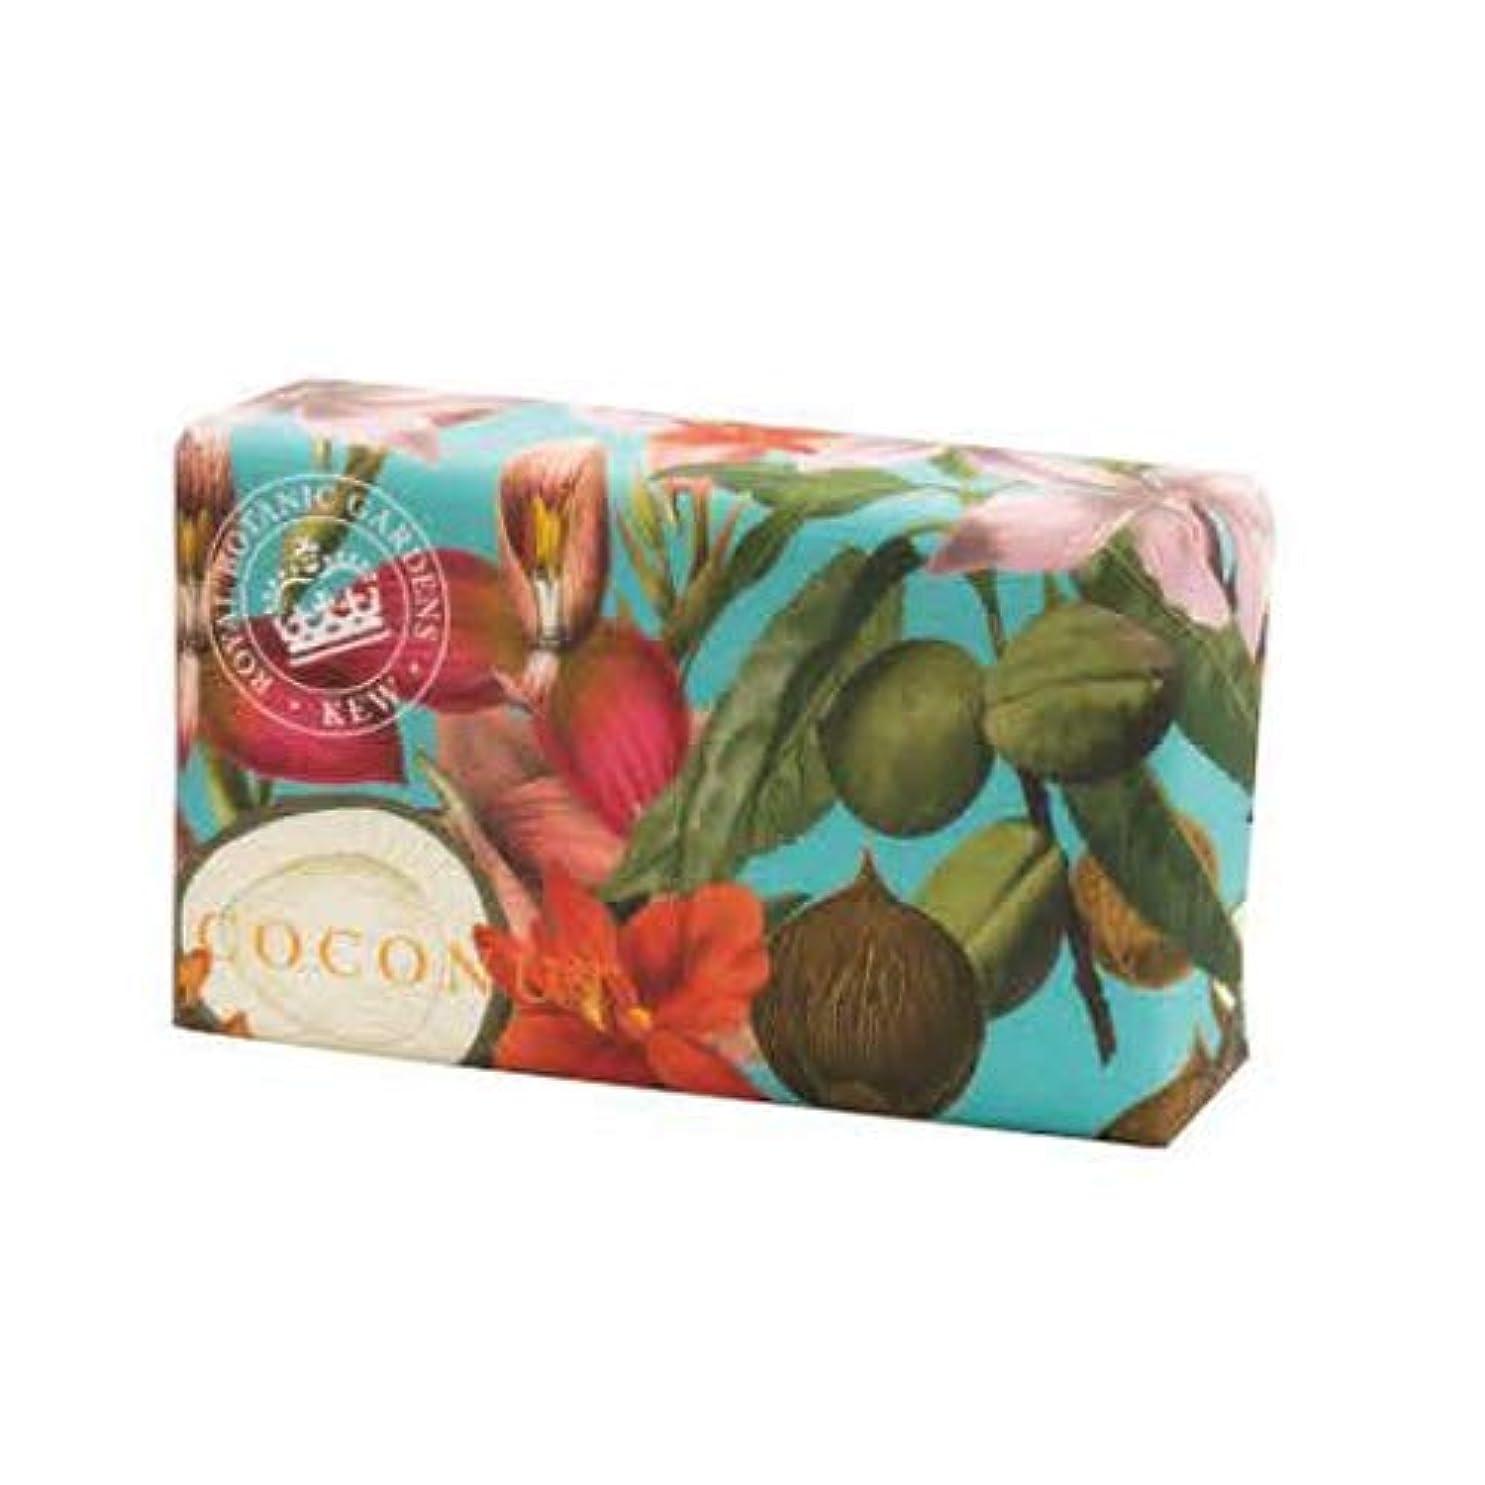 しがみつく過去比喩三和トレーディング English Soap Company イングリッシュソープカンパニー KEW GARDEN キュー・ガーデン Luxury Shea Soaps シアソープ Coconut ココナッツ